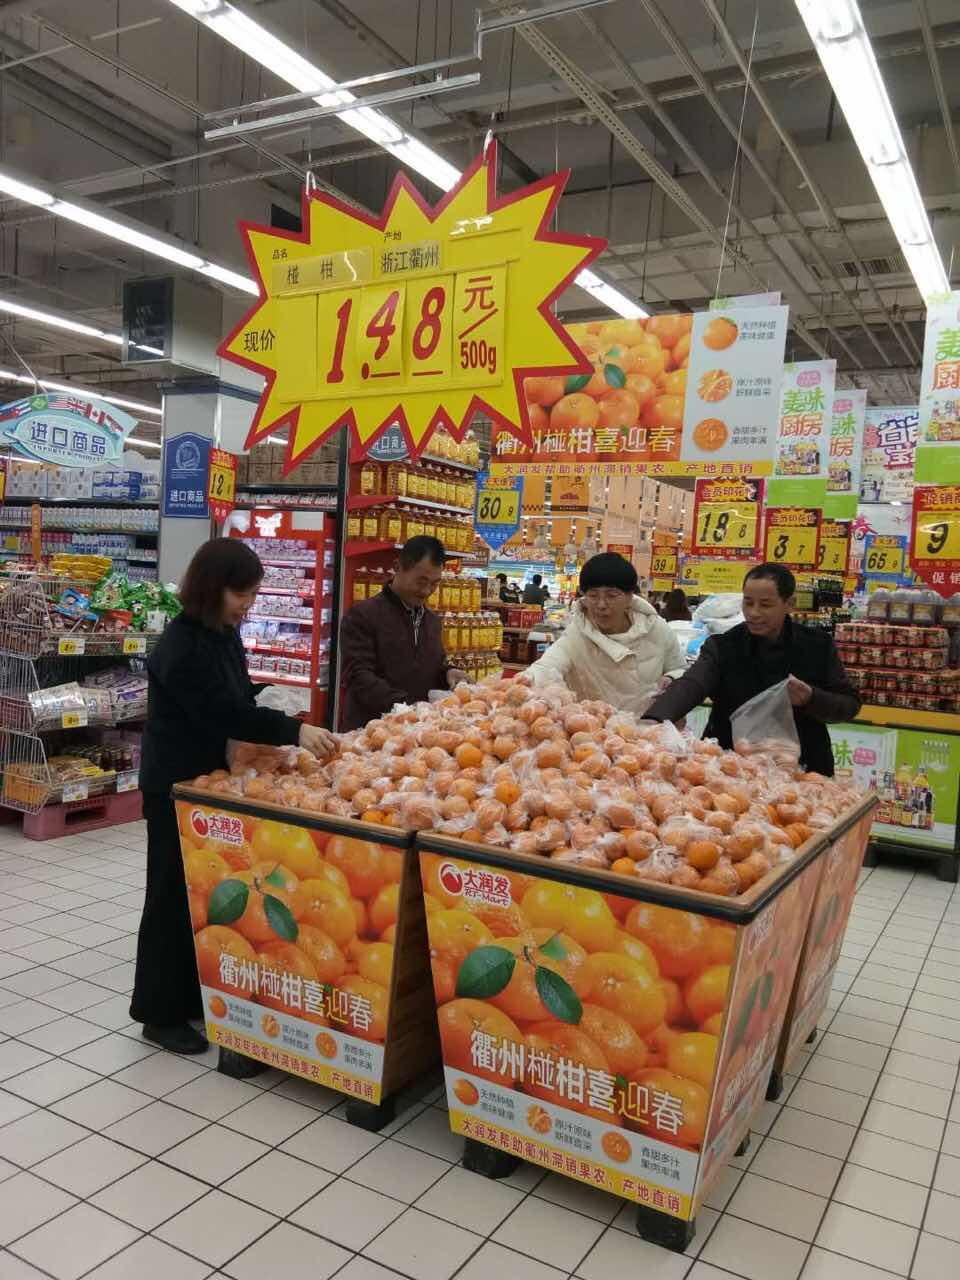 消费者在大润发超市购买爱心椪柑